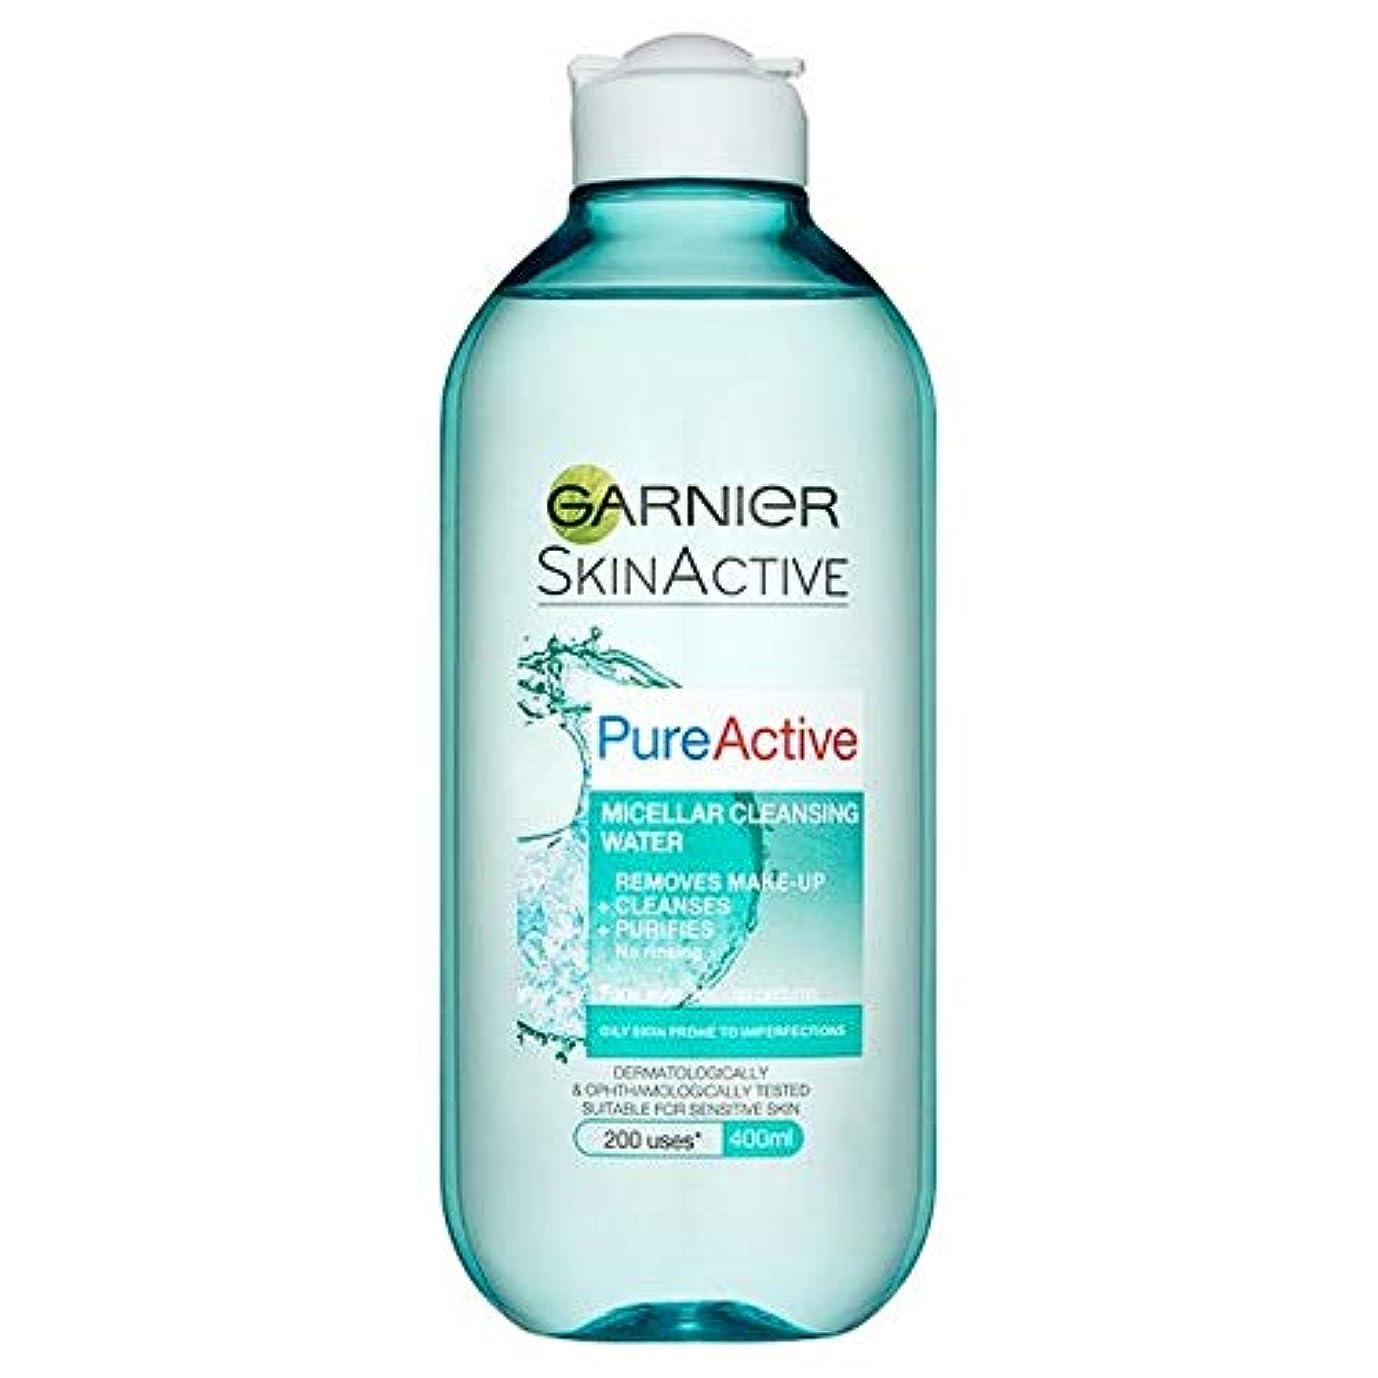 何十人も手順パントリー[Garnier] 純粋な活性ミセル水脂性肌用400ミリリットル - Pure Active Micellar Water Oily Skin 400Ml [並行輸入品]